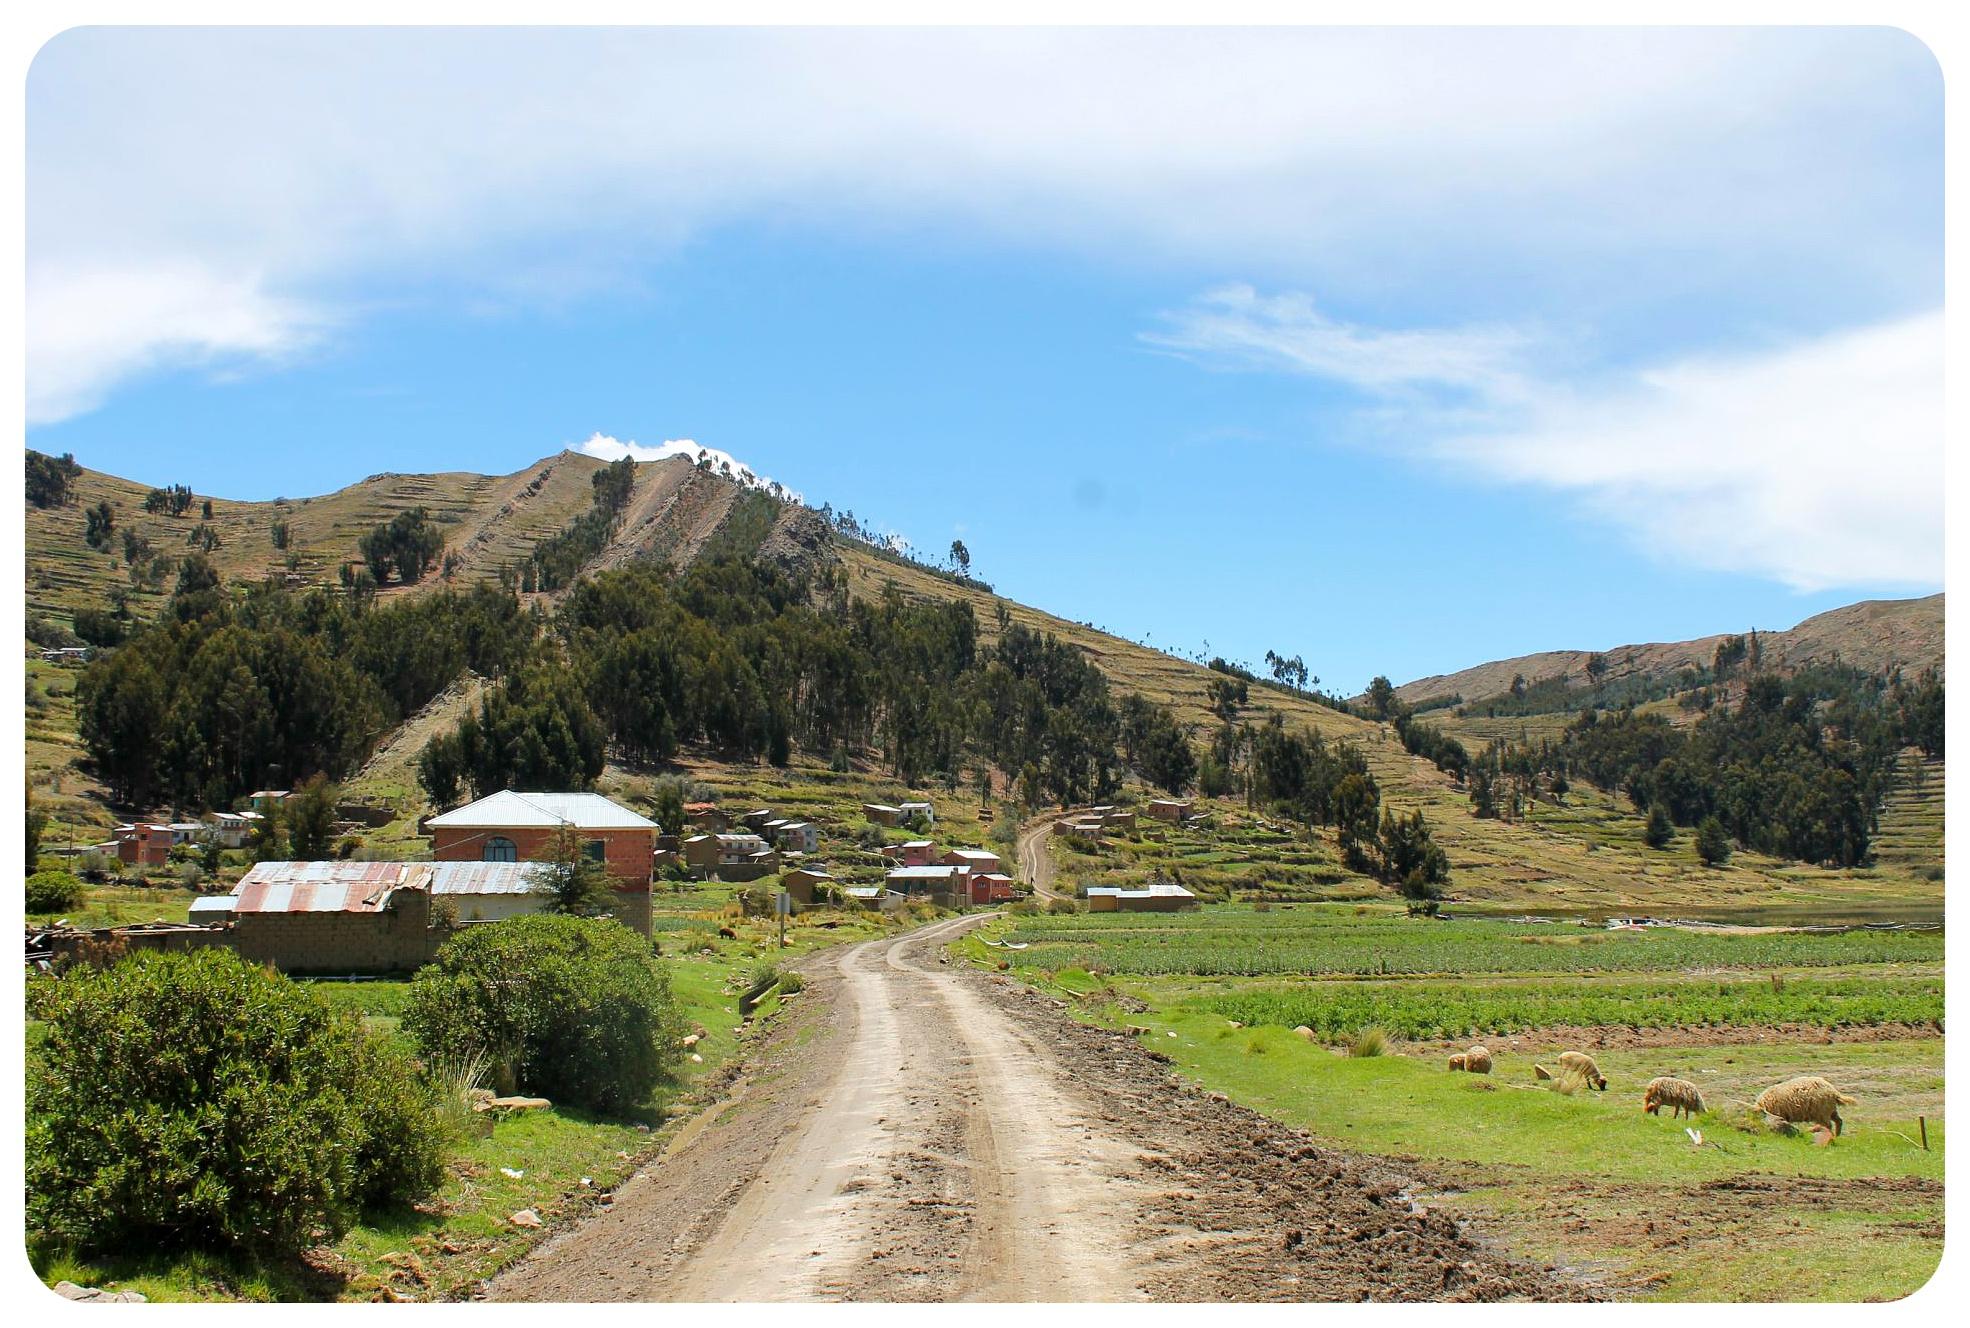 lake titicaca road to yampupata